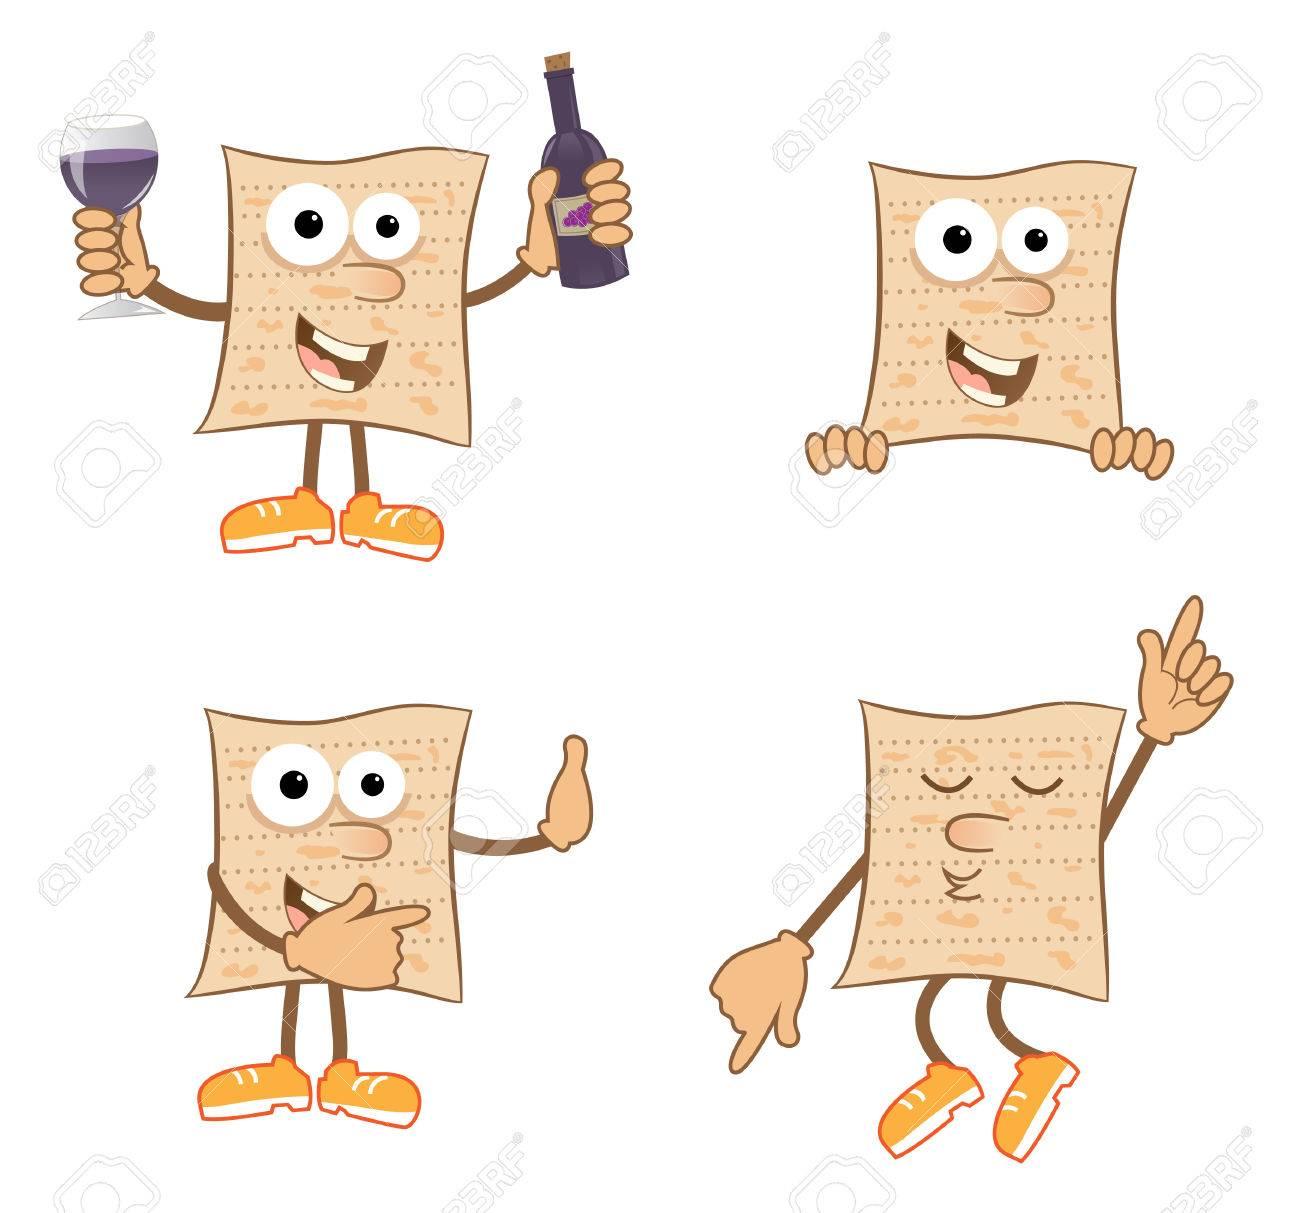 mr matzah cute set of 4 cartoon matzah royalty free cliparts